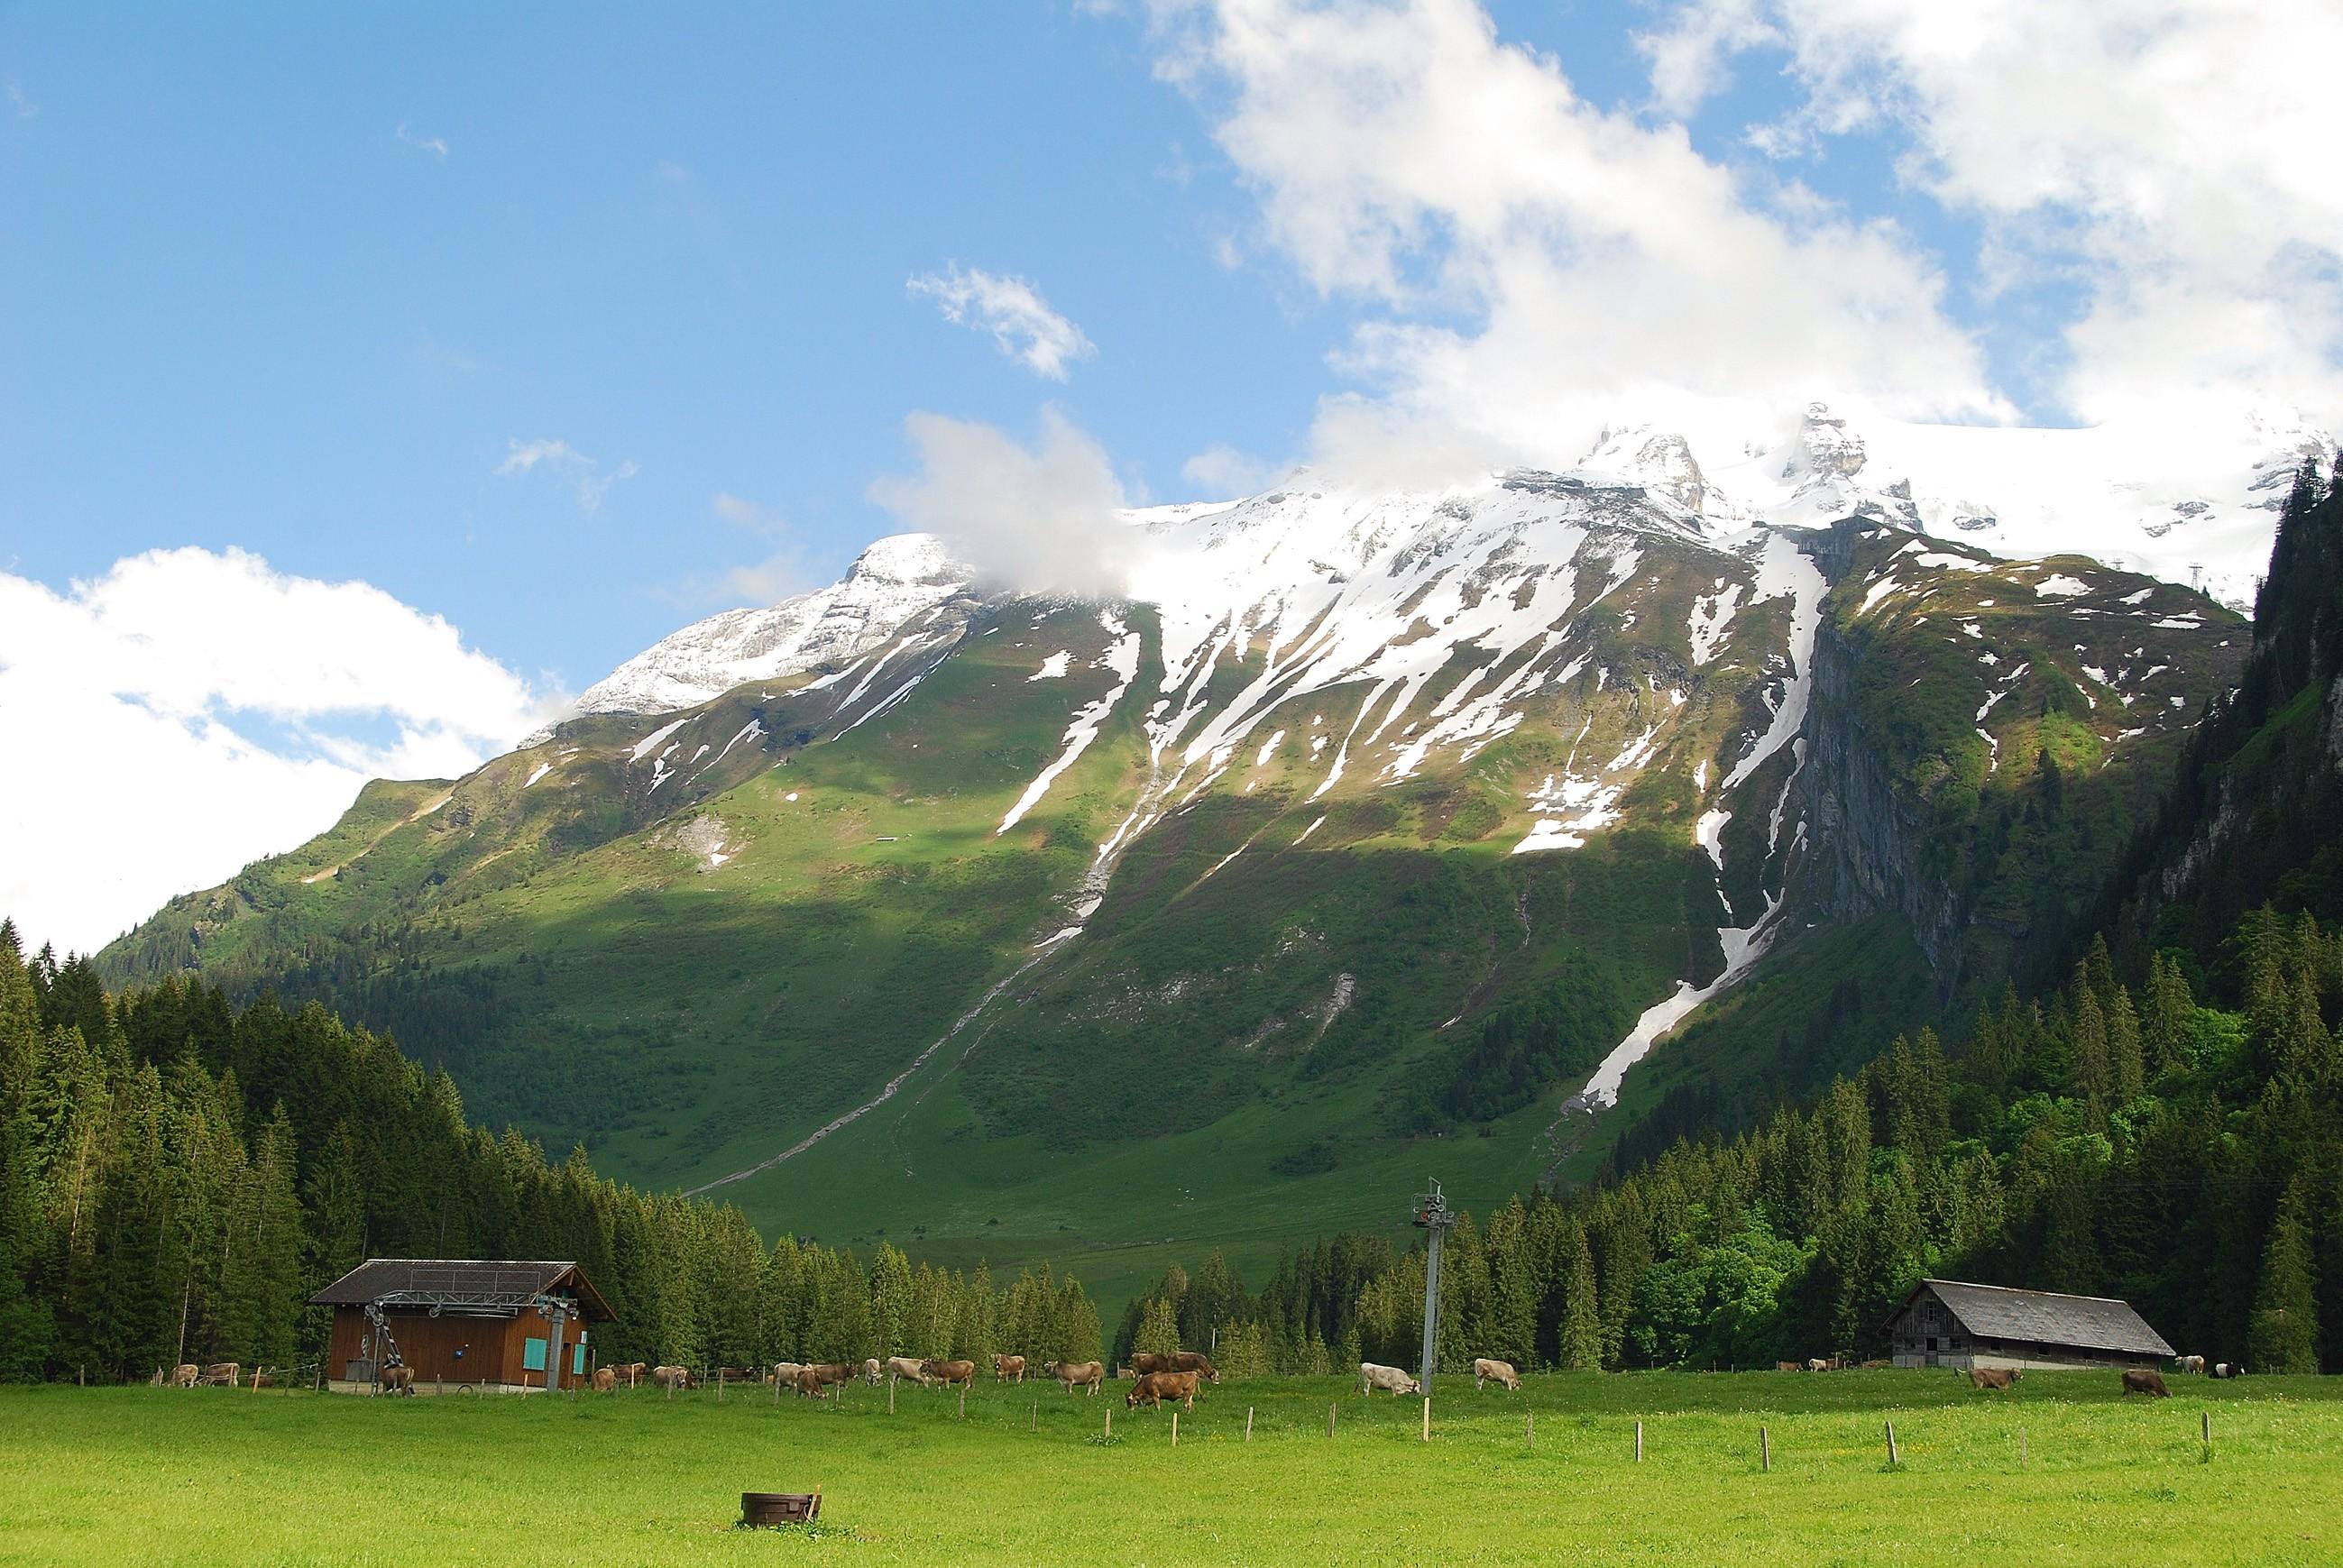 今天悦住君带领大家来到瑞士风景如画的日内瓦,看看红十字会的总部有